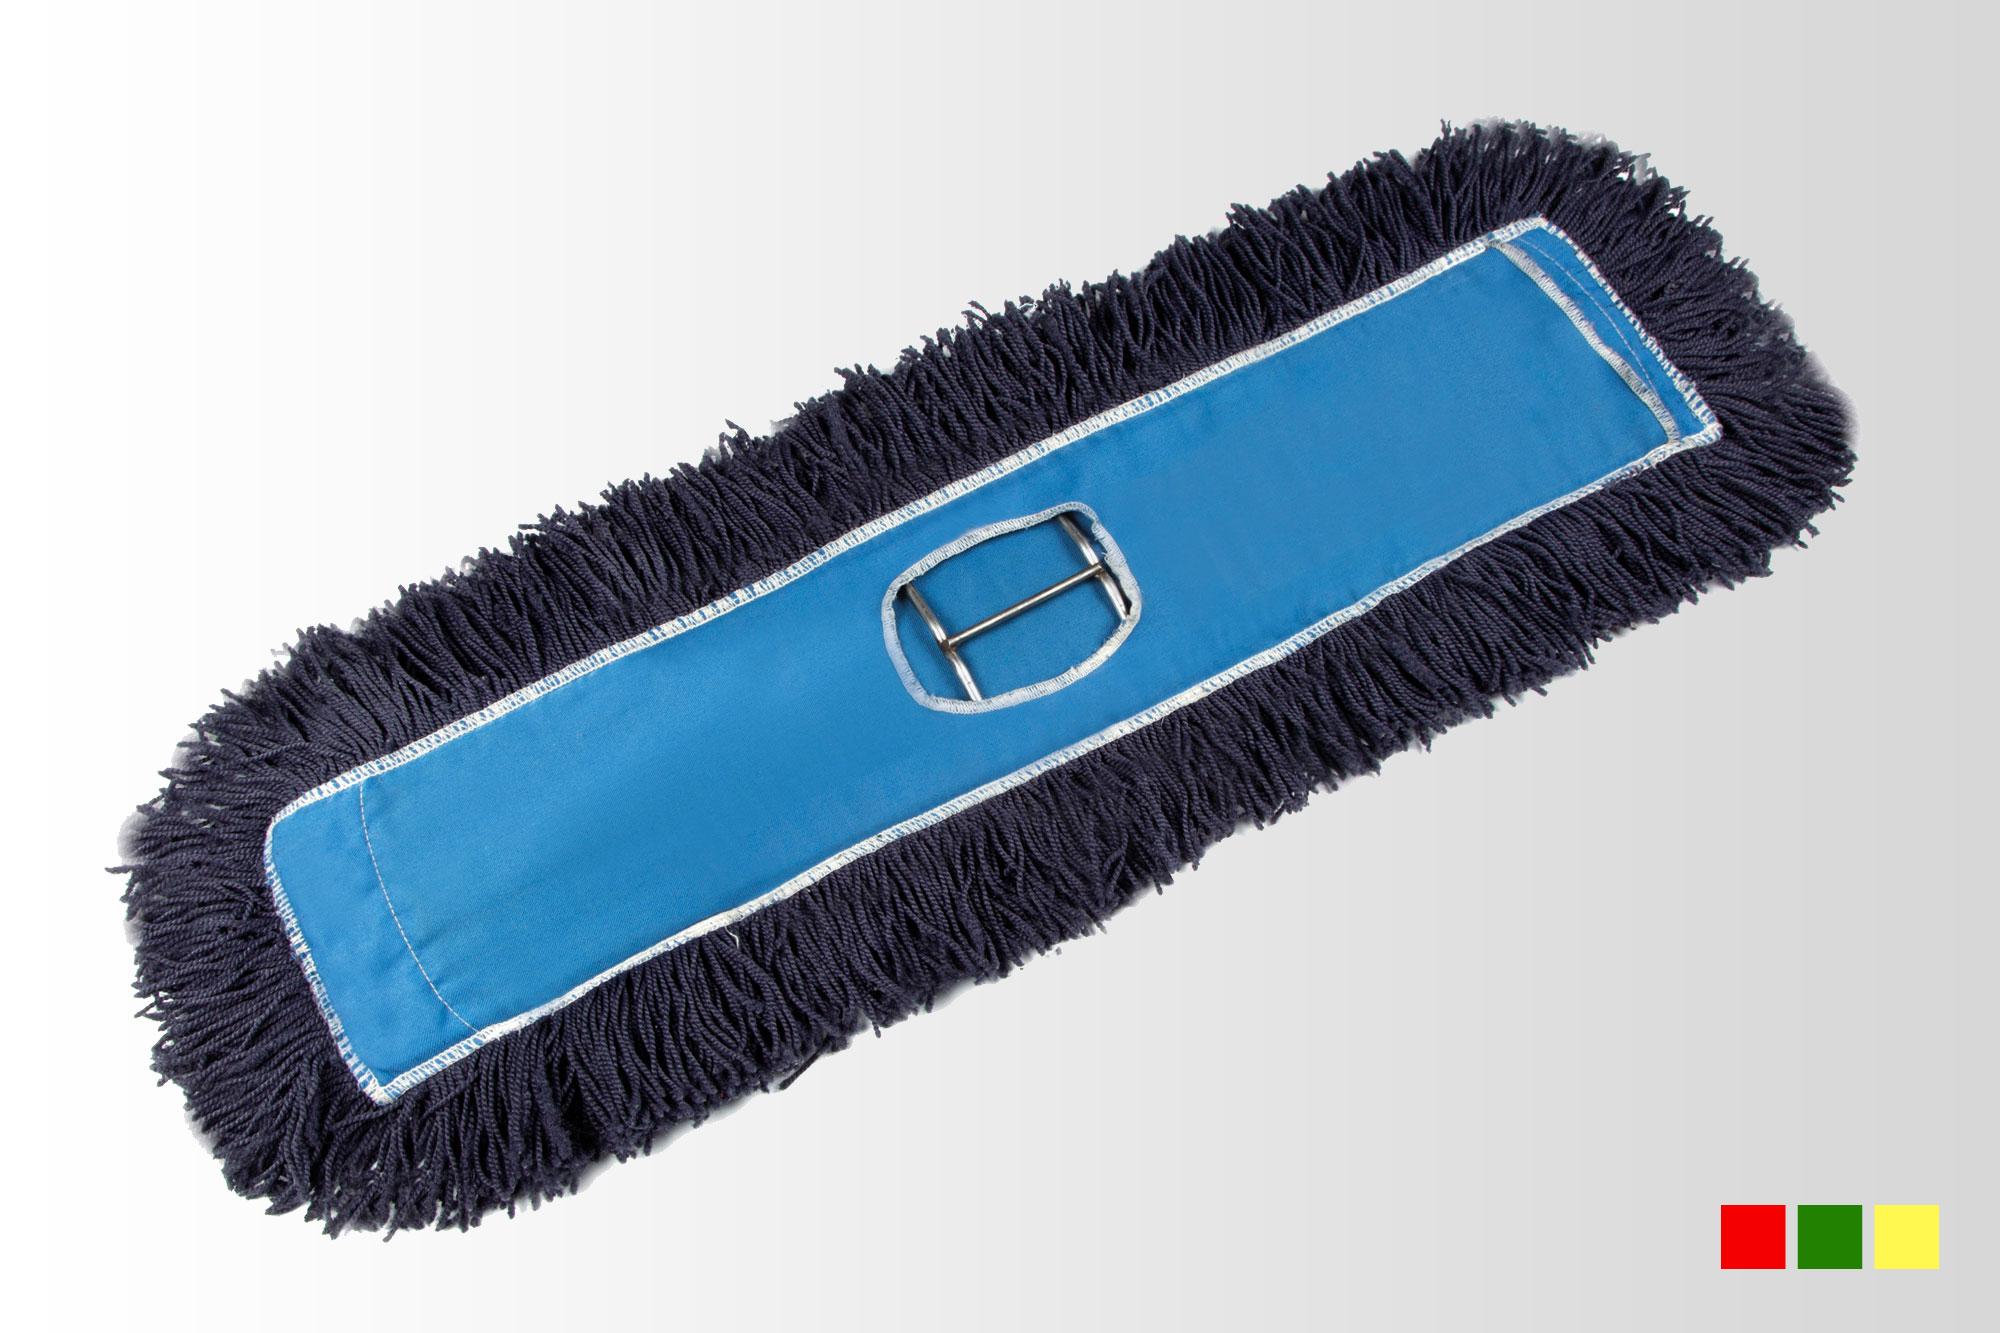 zeep geïmpregneerde vloerwisser op basis van biologisch afbreekbare zeep